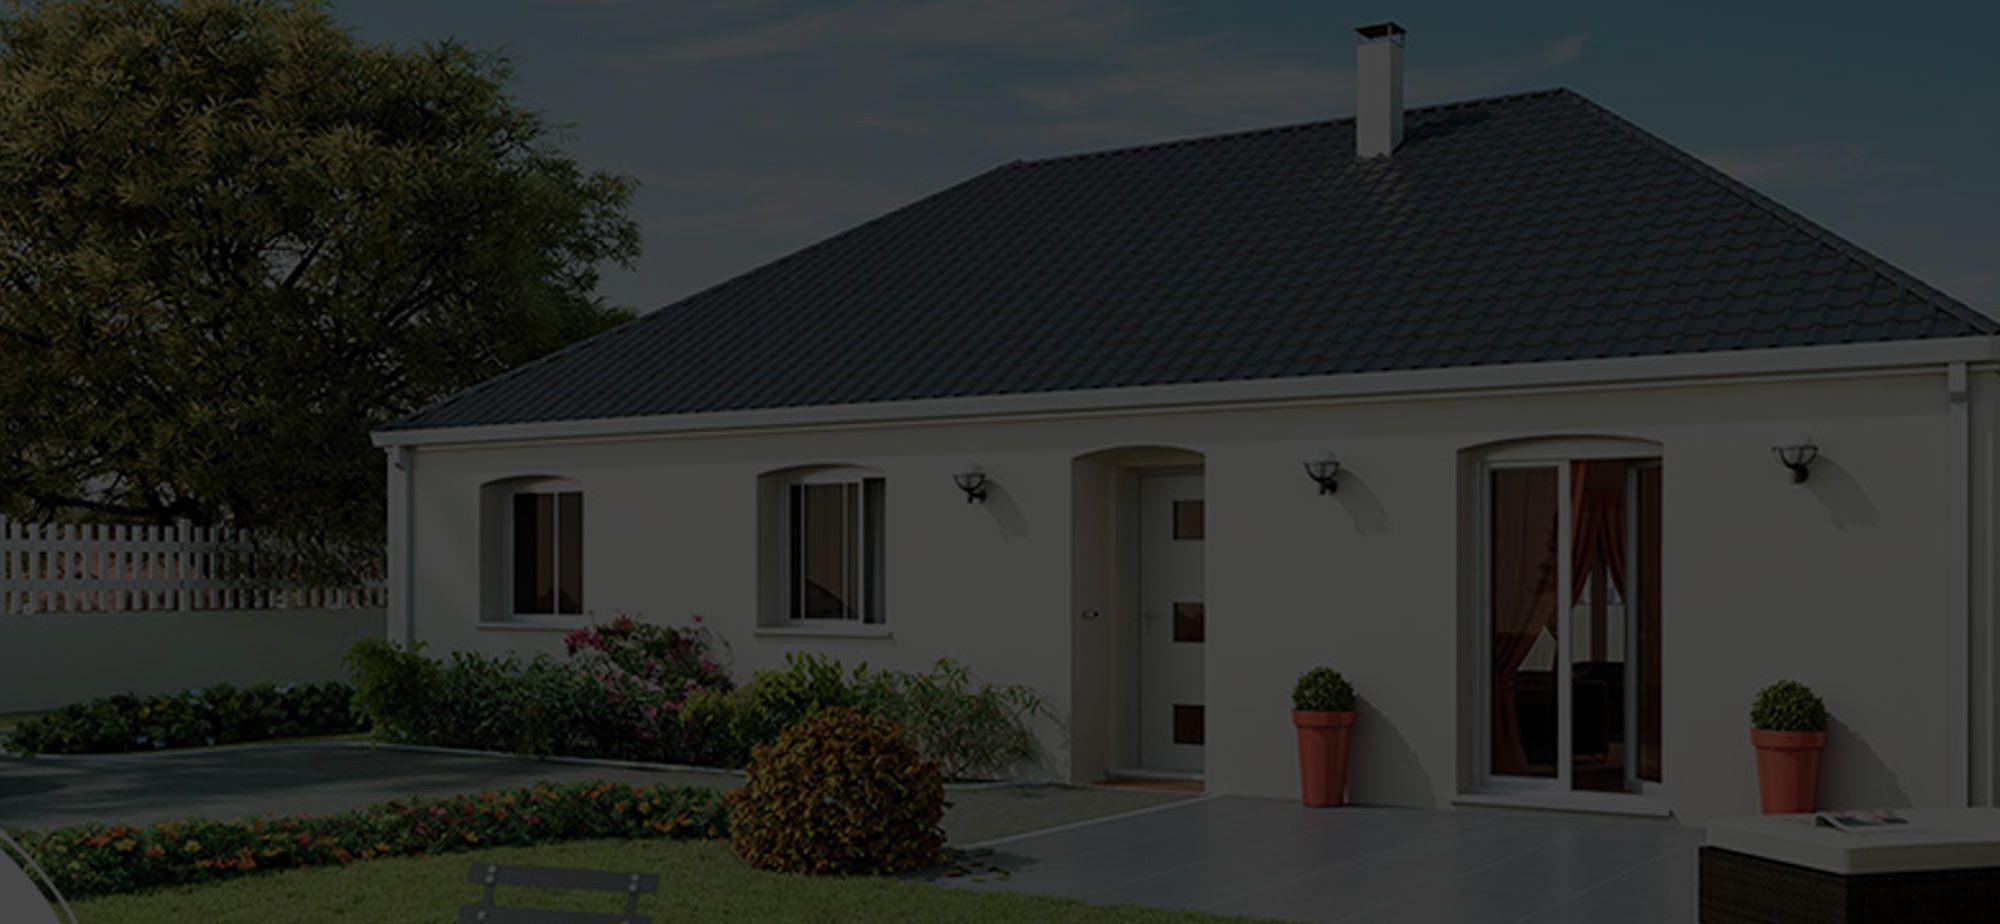 Constructeur belge maison contemporaine for Constructeur maison belge